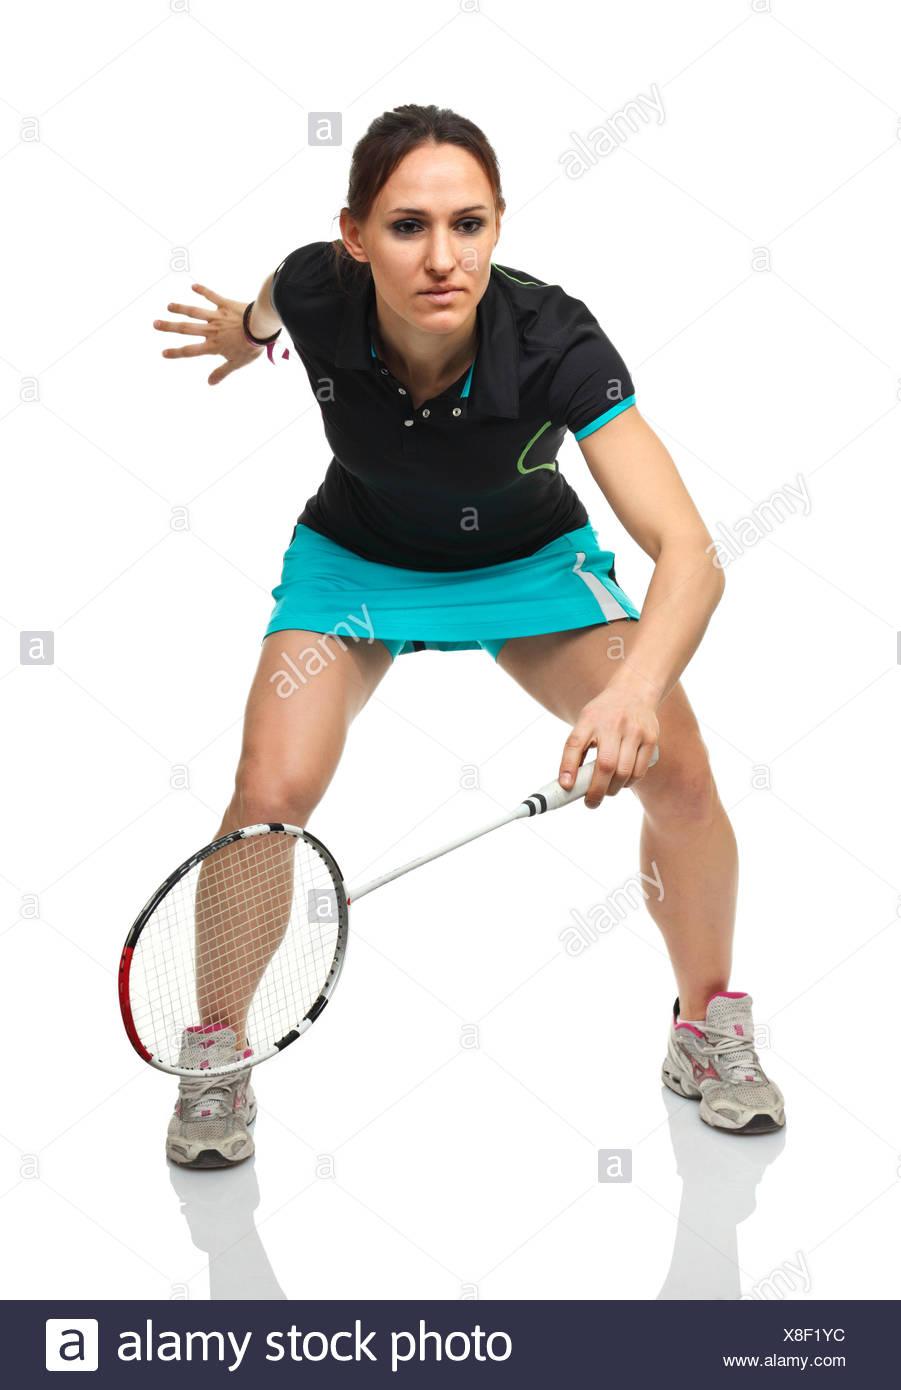 Badminton player ritratto Immagini Stock